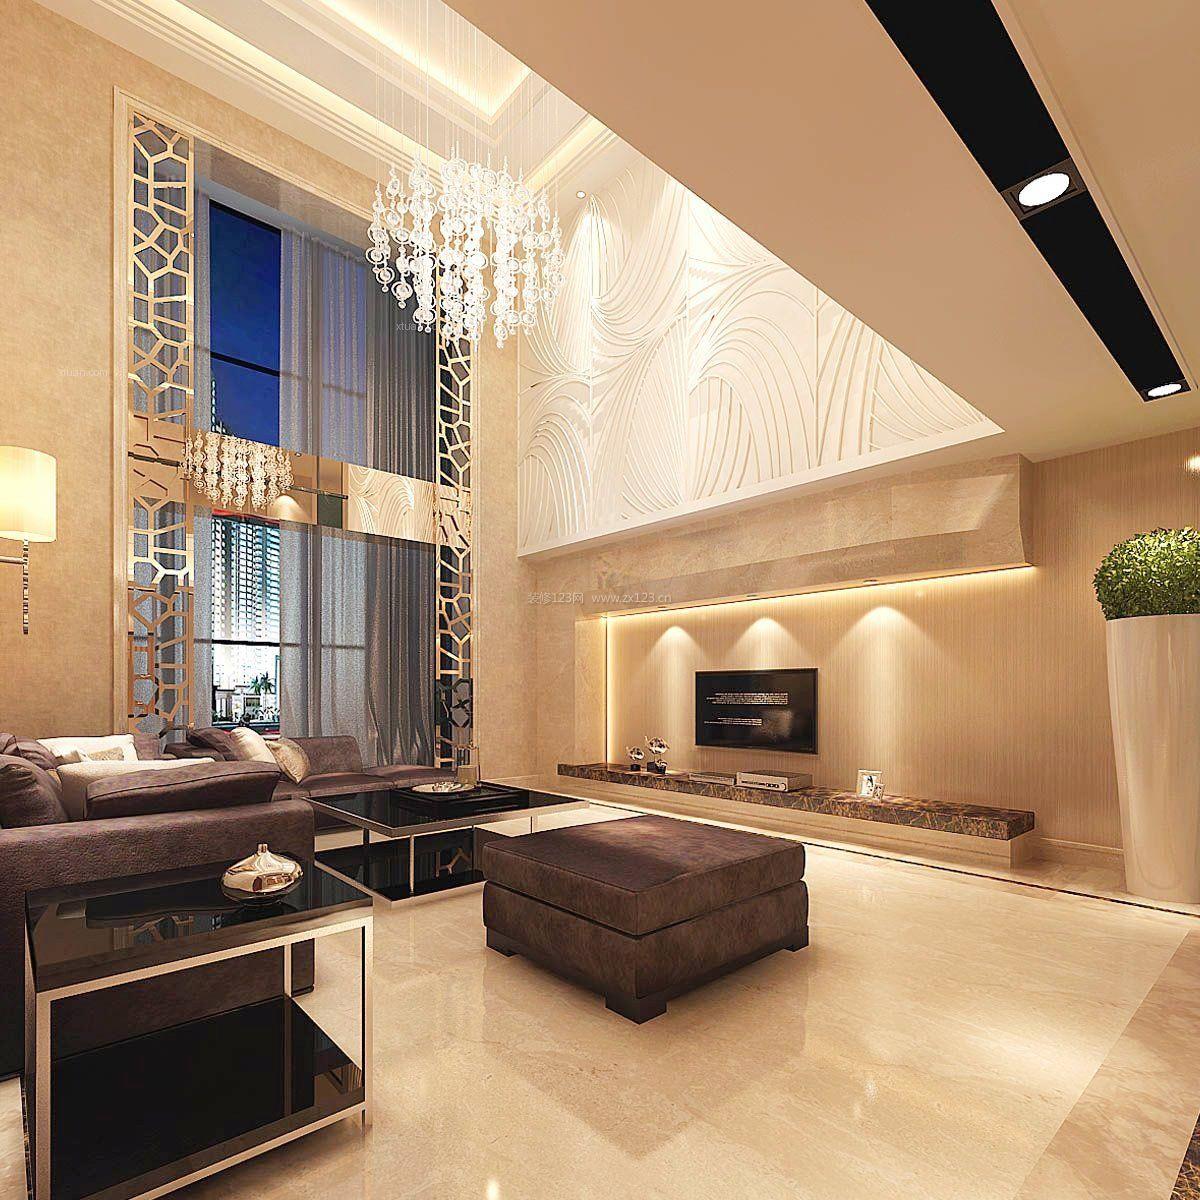 现代简欧风格别墅电视背景墙效果图